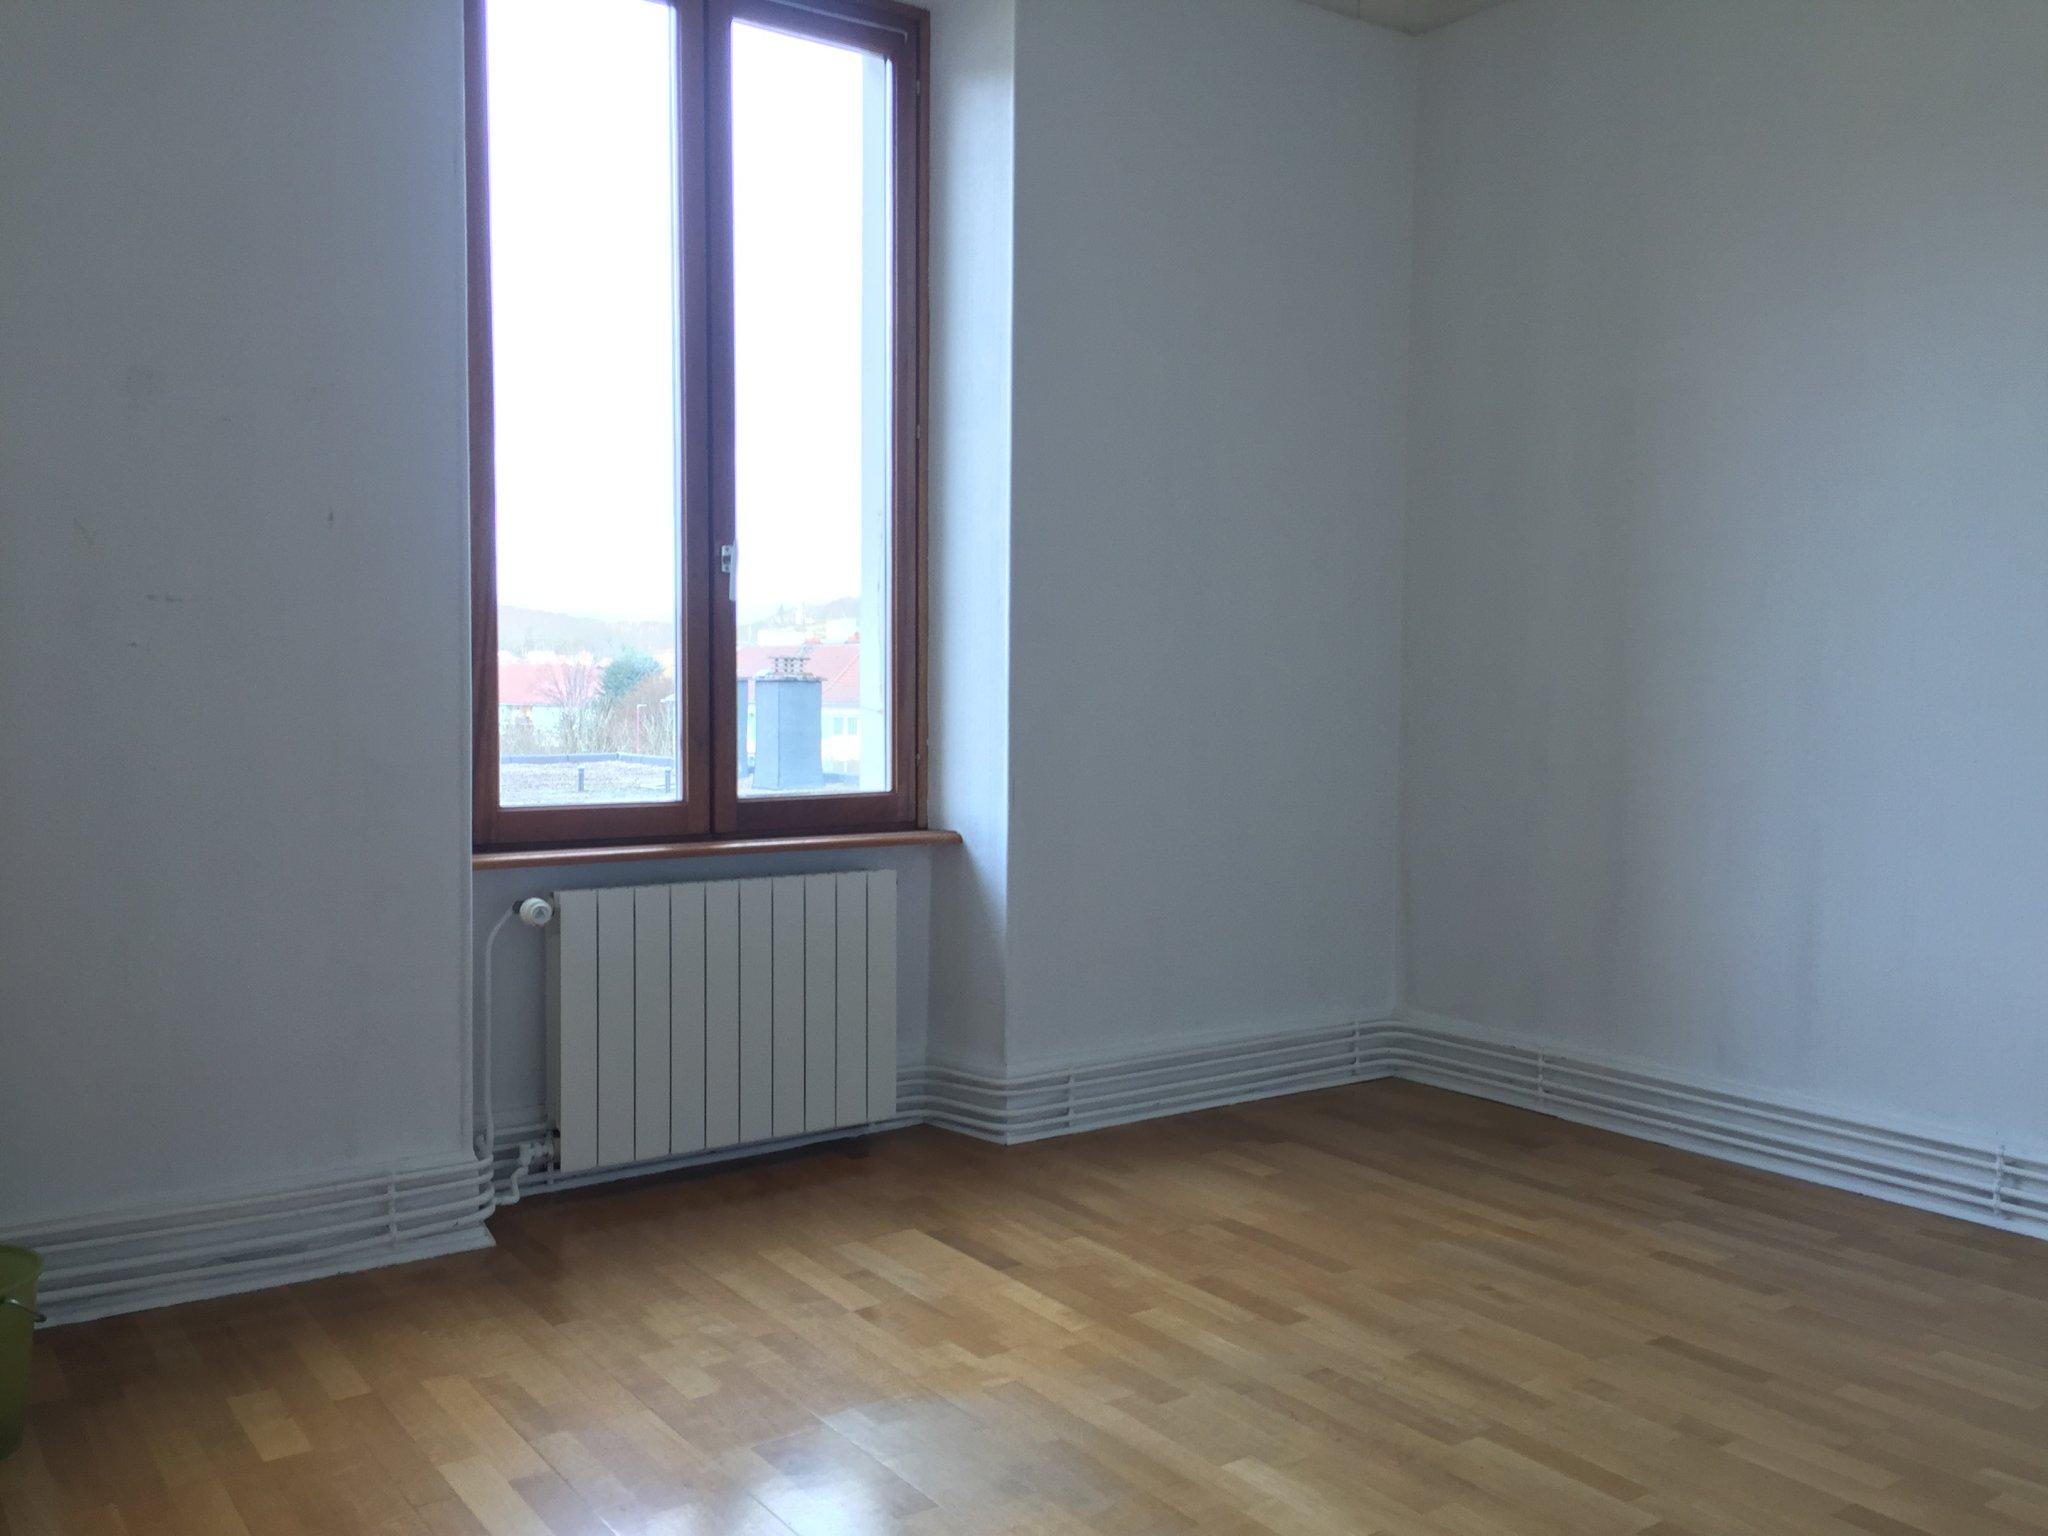 Vente Appartement À Belfort 3 Pièces 55 M² pour Chambre Des Metiers Belfort